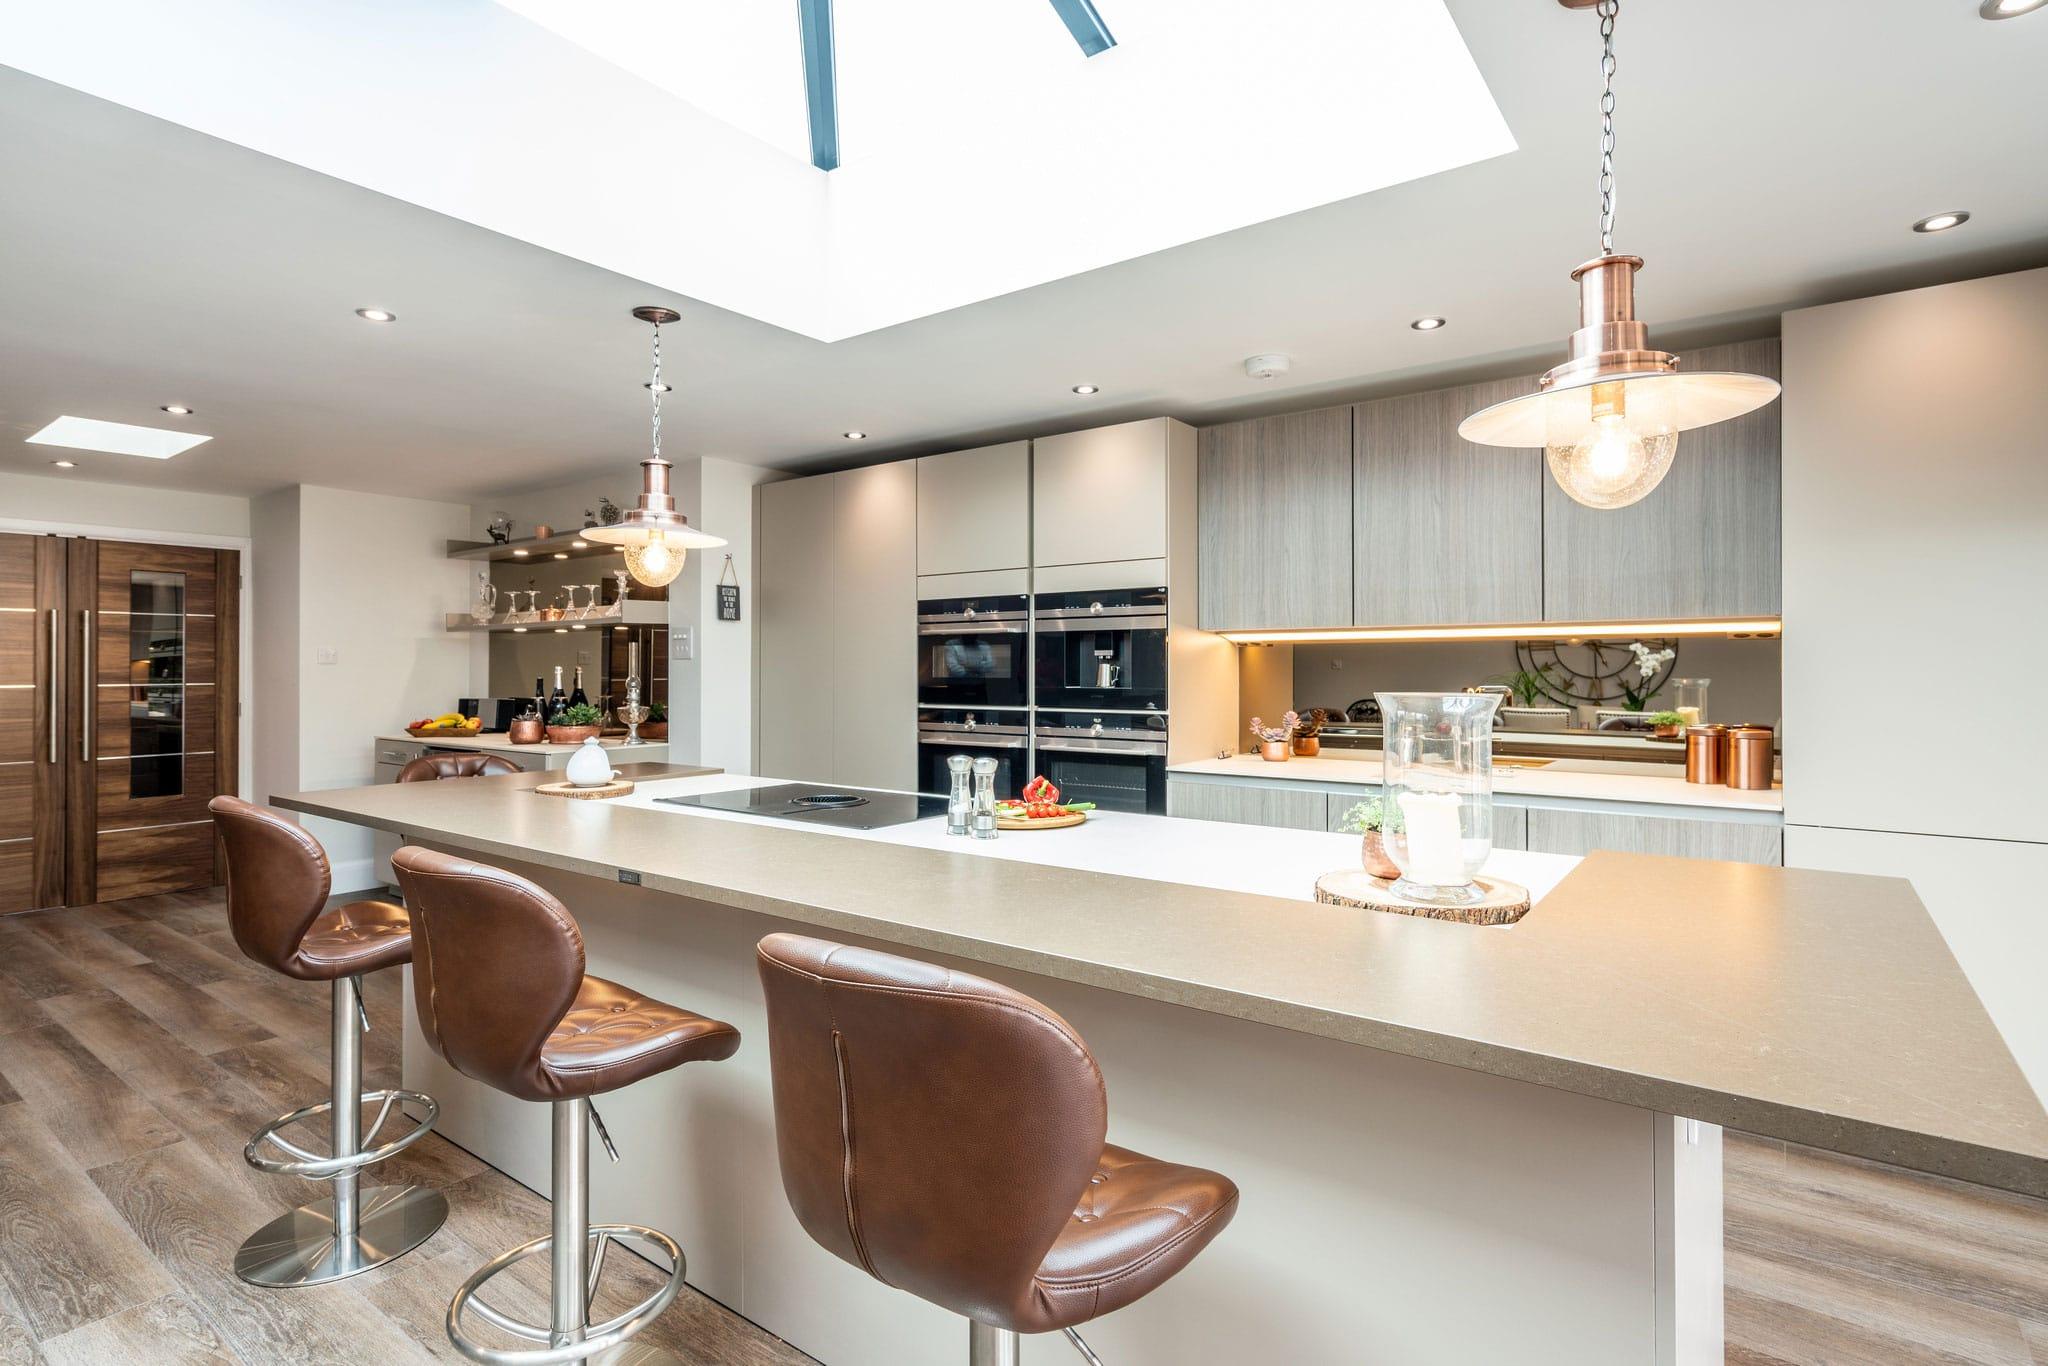 Image of Myers Touch Daniels Kitchen 01038 ZF 2442 14358 1 034 in Uno spazio progettato per socializzare - Cosentino